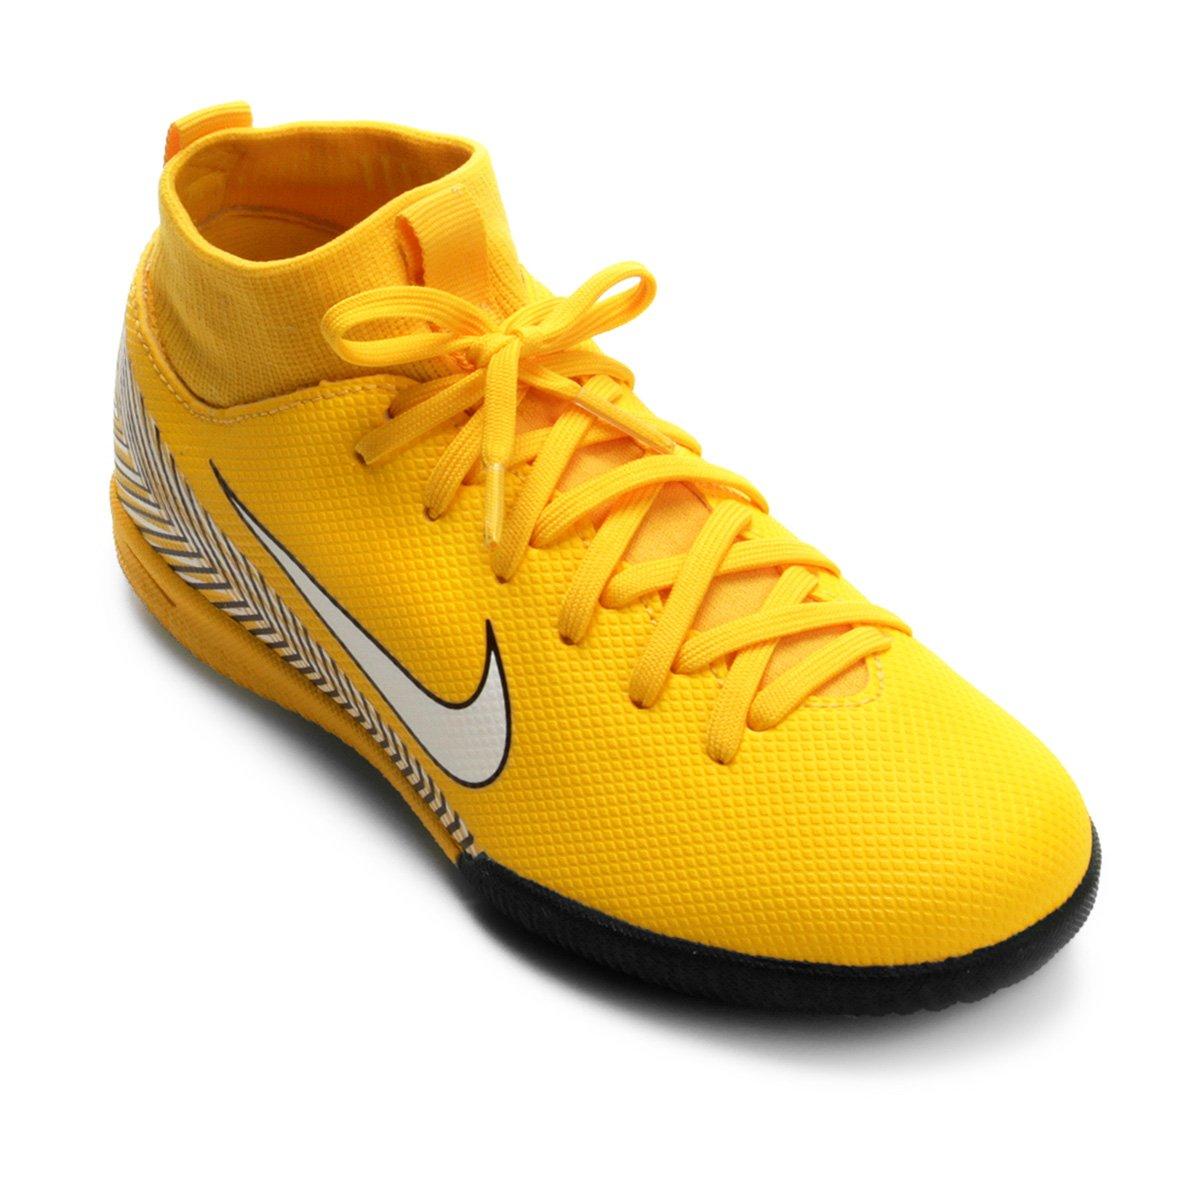 212f719e8e87c Chuteira Futsal Infantil Nike Mercurial Superfly 6 Academy - Amarelo e  Preto - Compre Agora